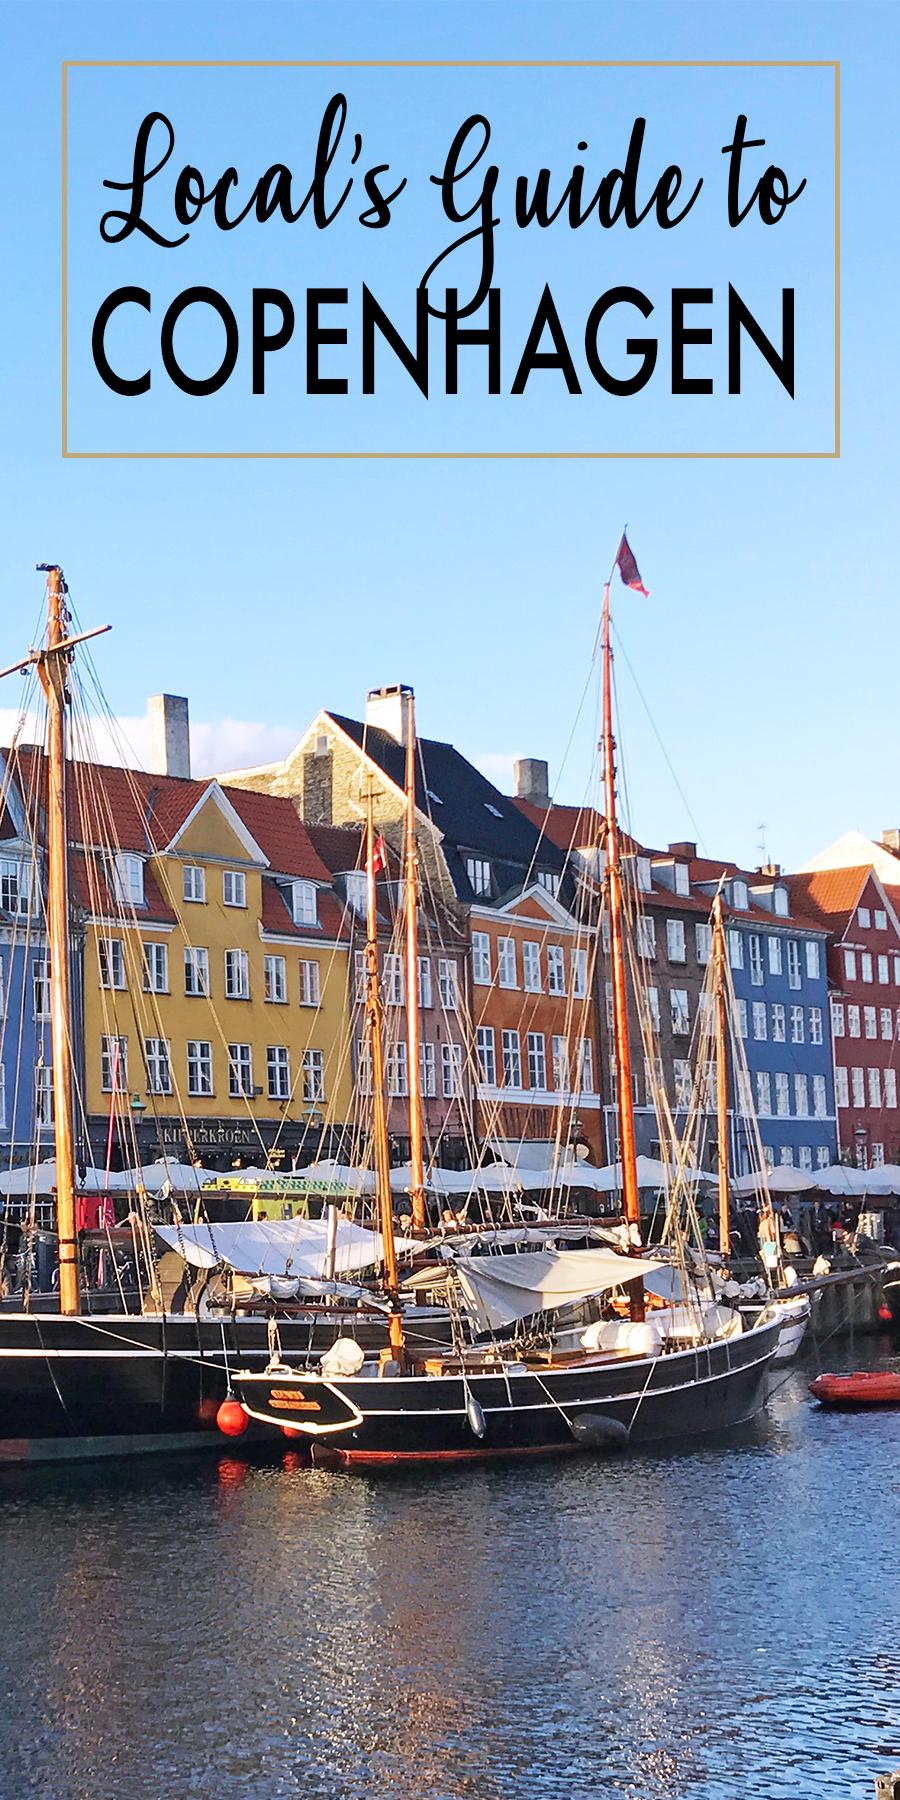 Locals Guide to Copenhagen.jpg